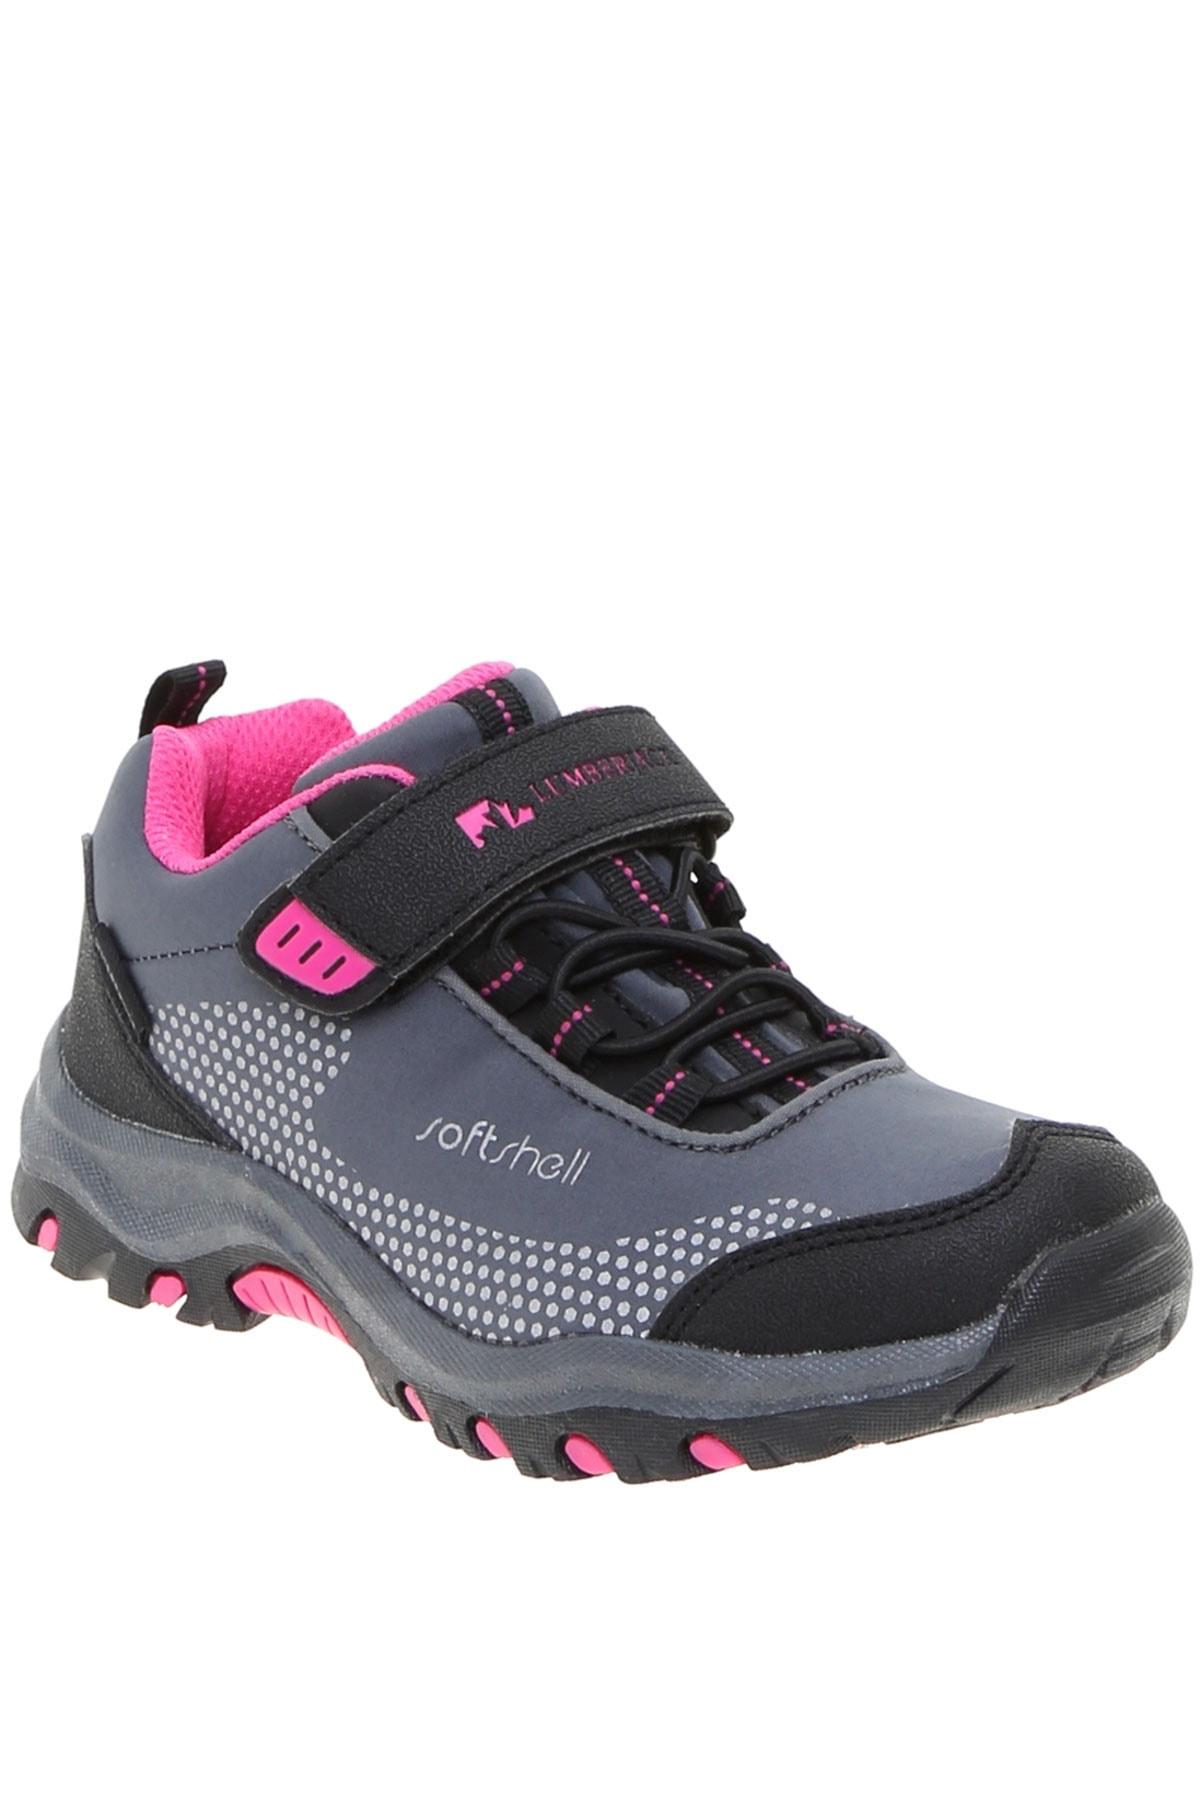 lumberjack Gri Unisex Çocuk Outdoor Ayakkabısı - AS00056230 2